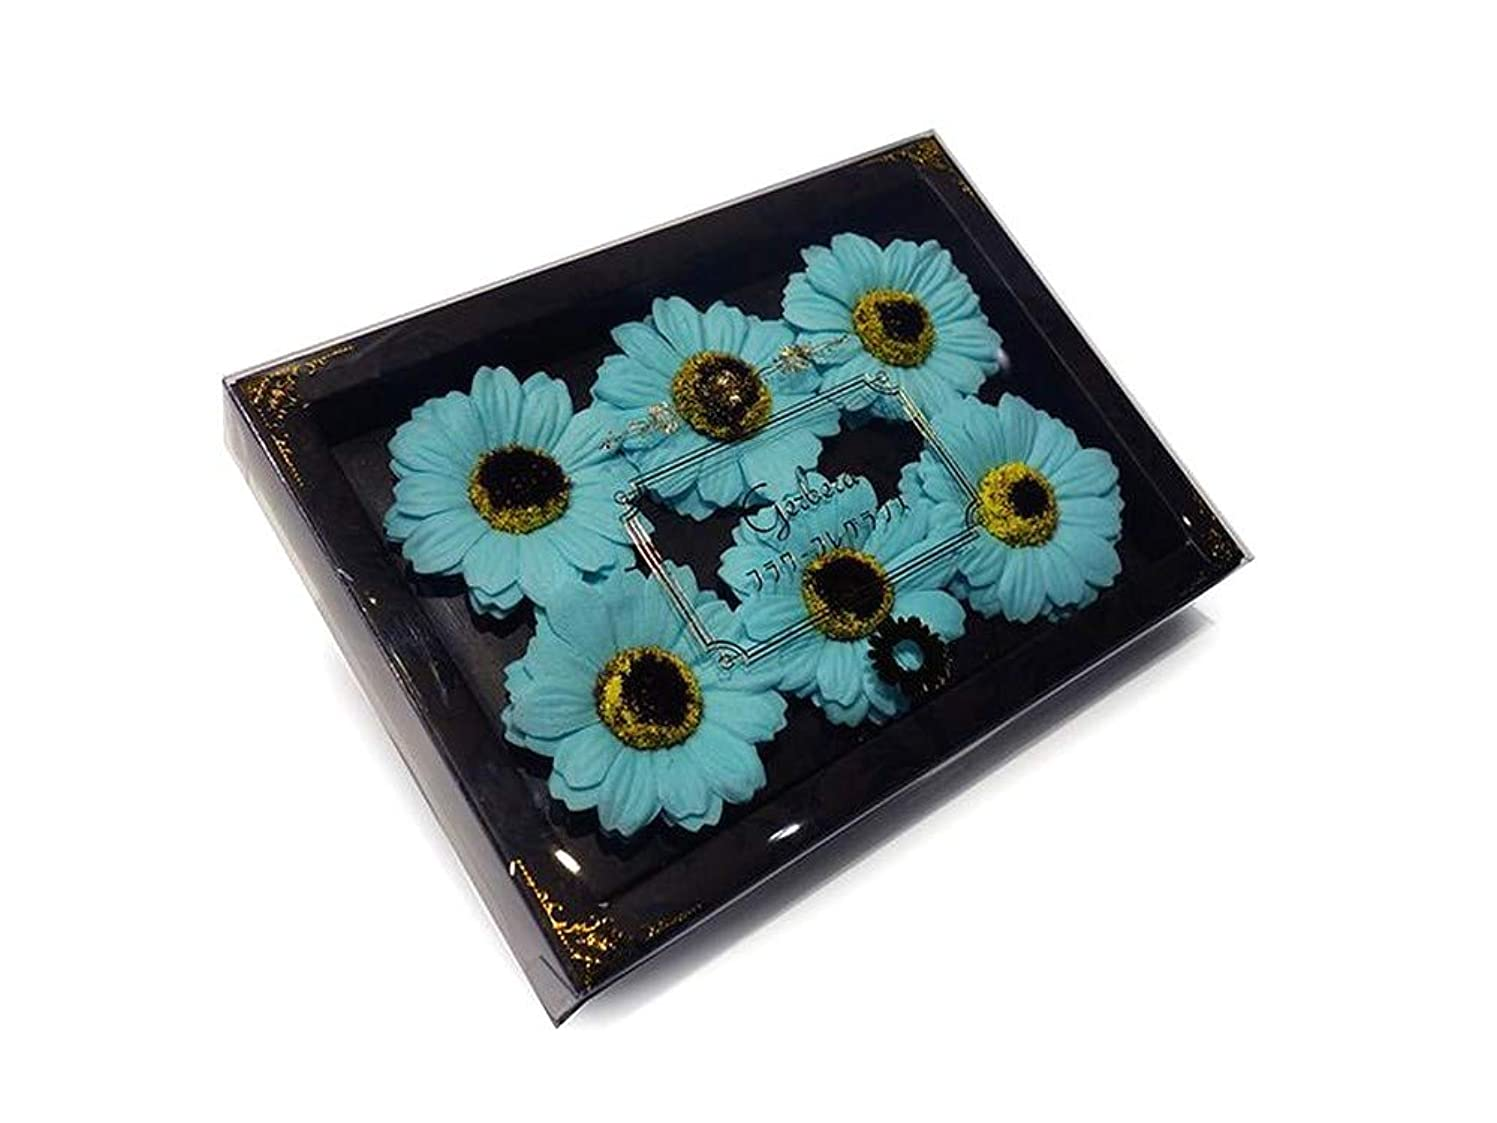 空港メディカル十分です花のカタチの入浴剤 ガーベラ バスフレグランス フラワーフレグランス バスフラワー (ライトブルー)